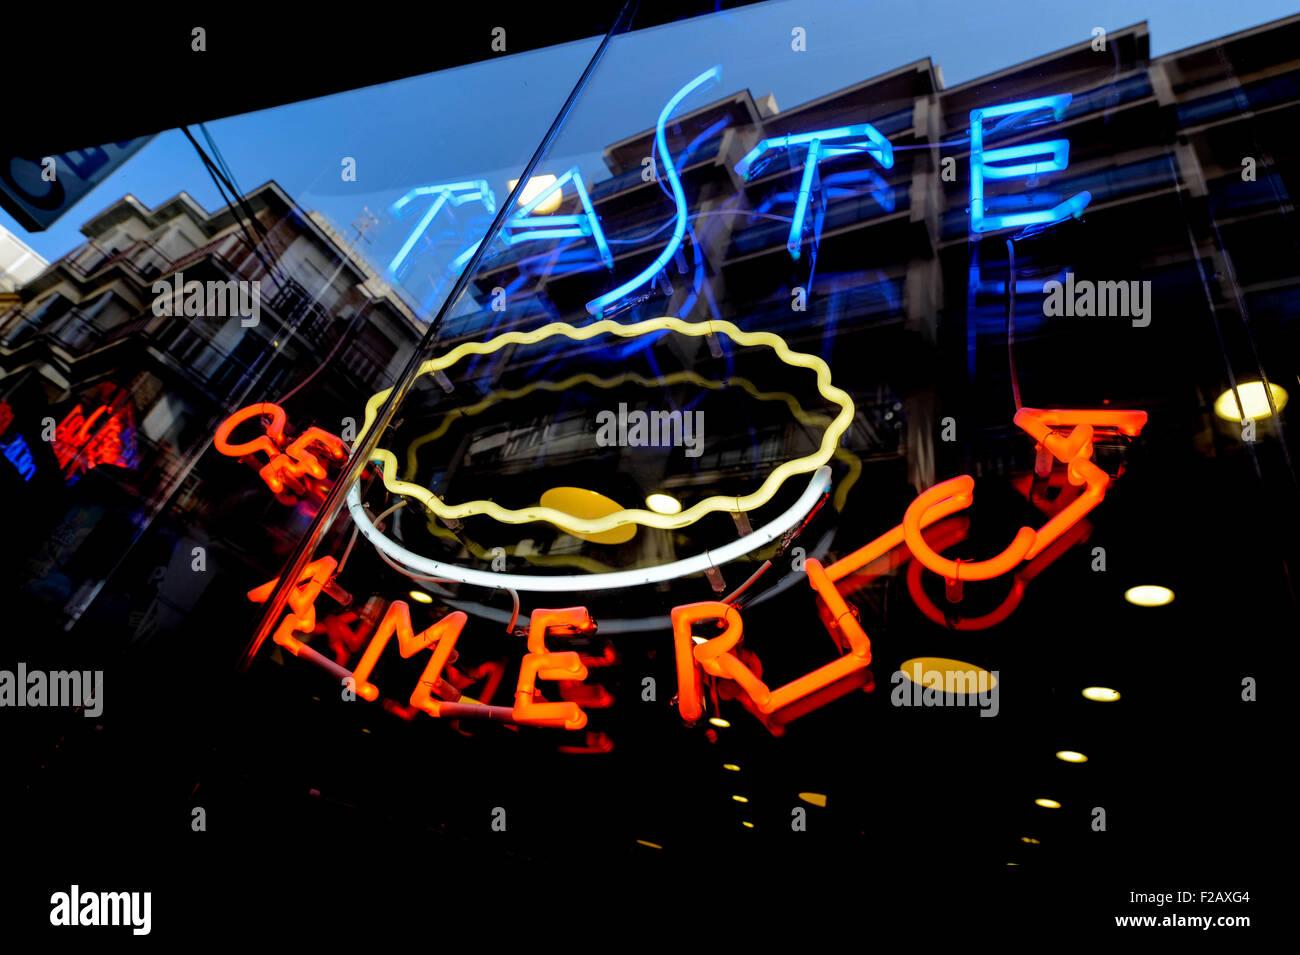 La boutique d'Amérique-goût la tienda goût d'Amérique Photo Stock